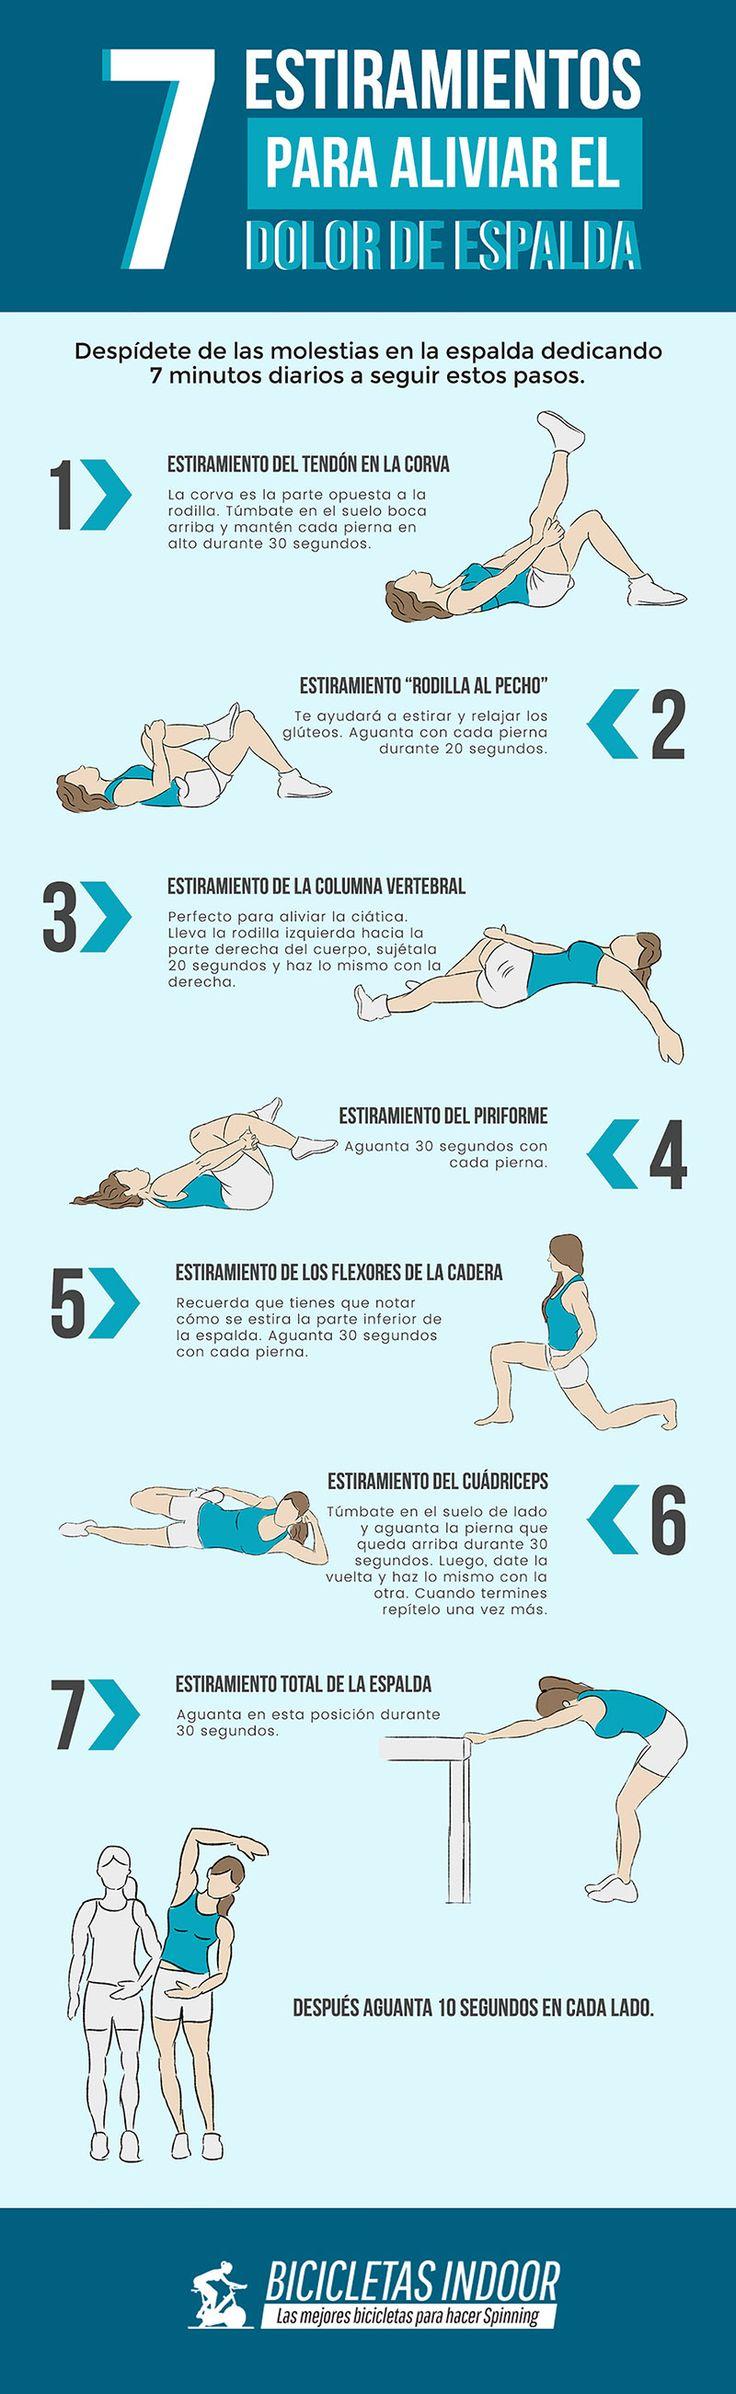 7 #estiramientos para aliviar el dolor de #espalda.